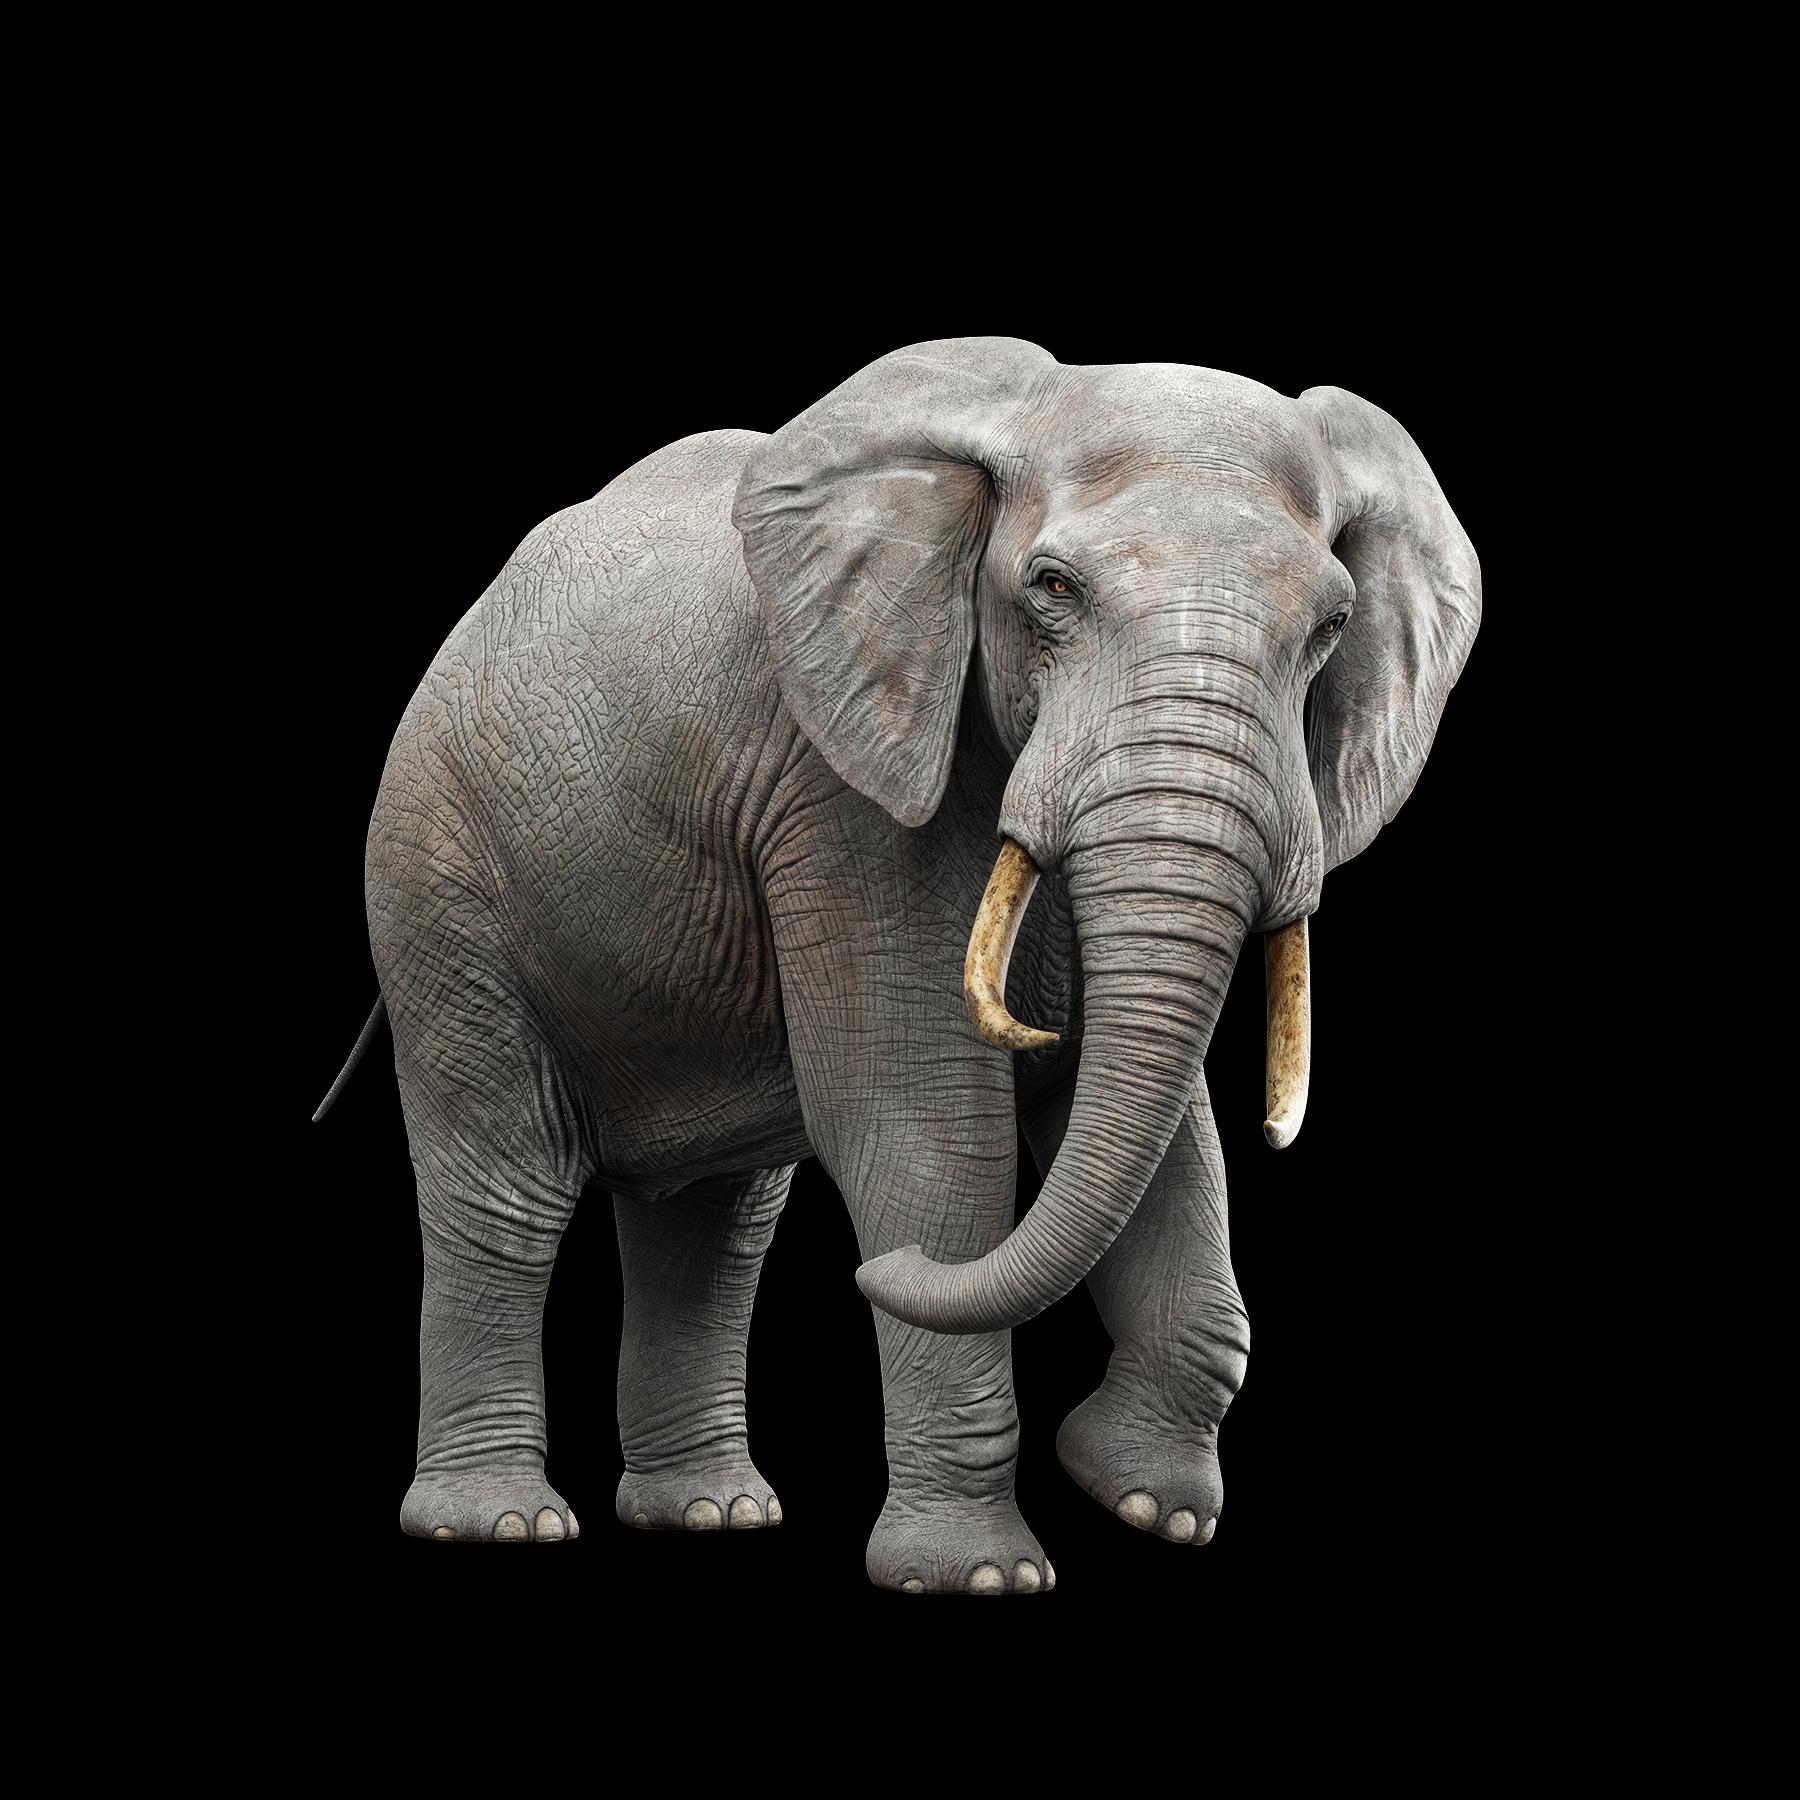 Elephant_V005_NO_FUR.jpg